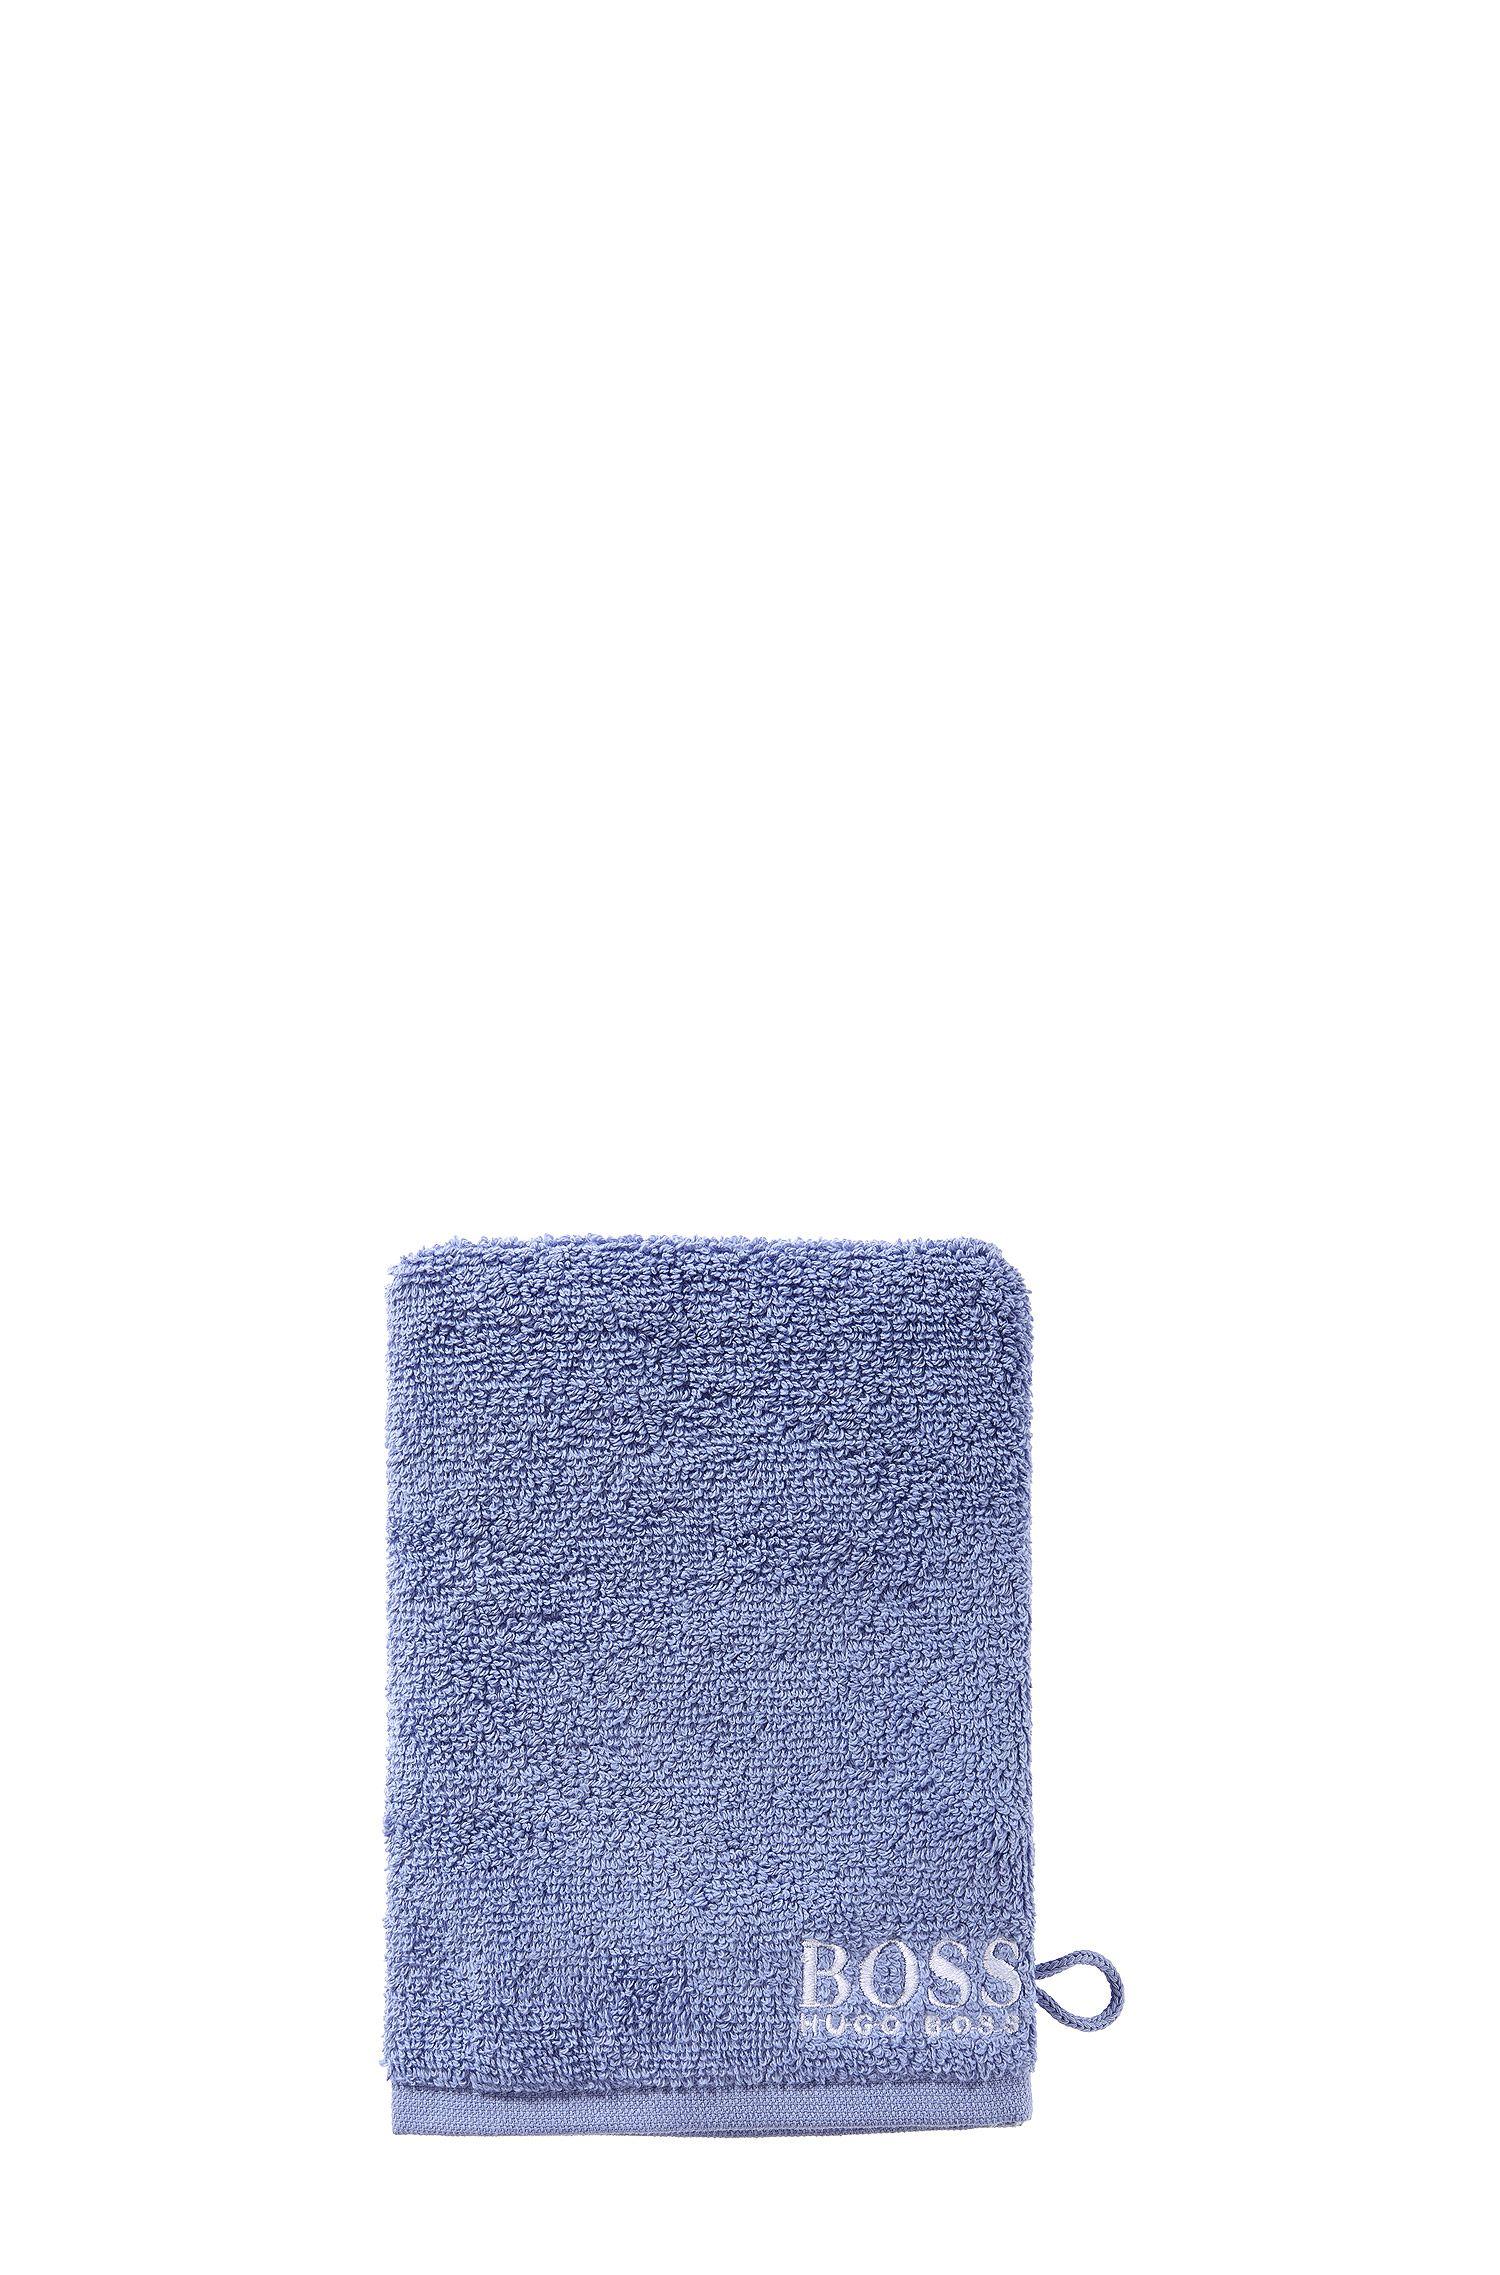 Waschhandschuh aus feinster ägyptischer Baumwolle mit kontrastfarbener Logo-Stickerei